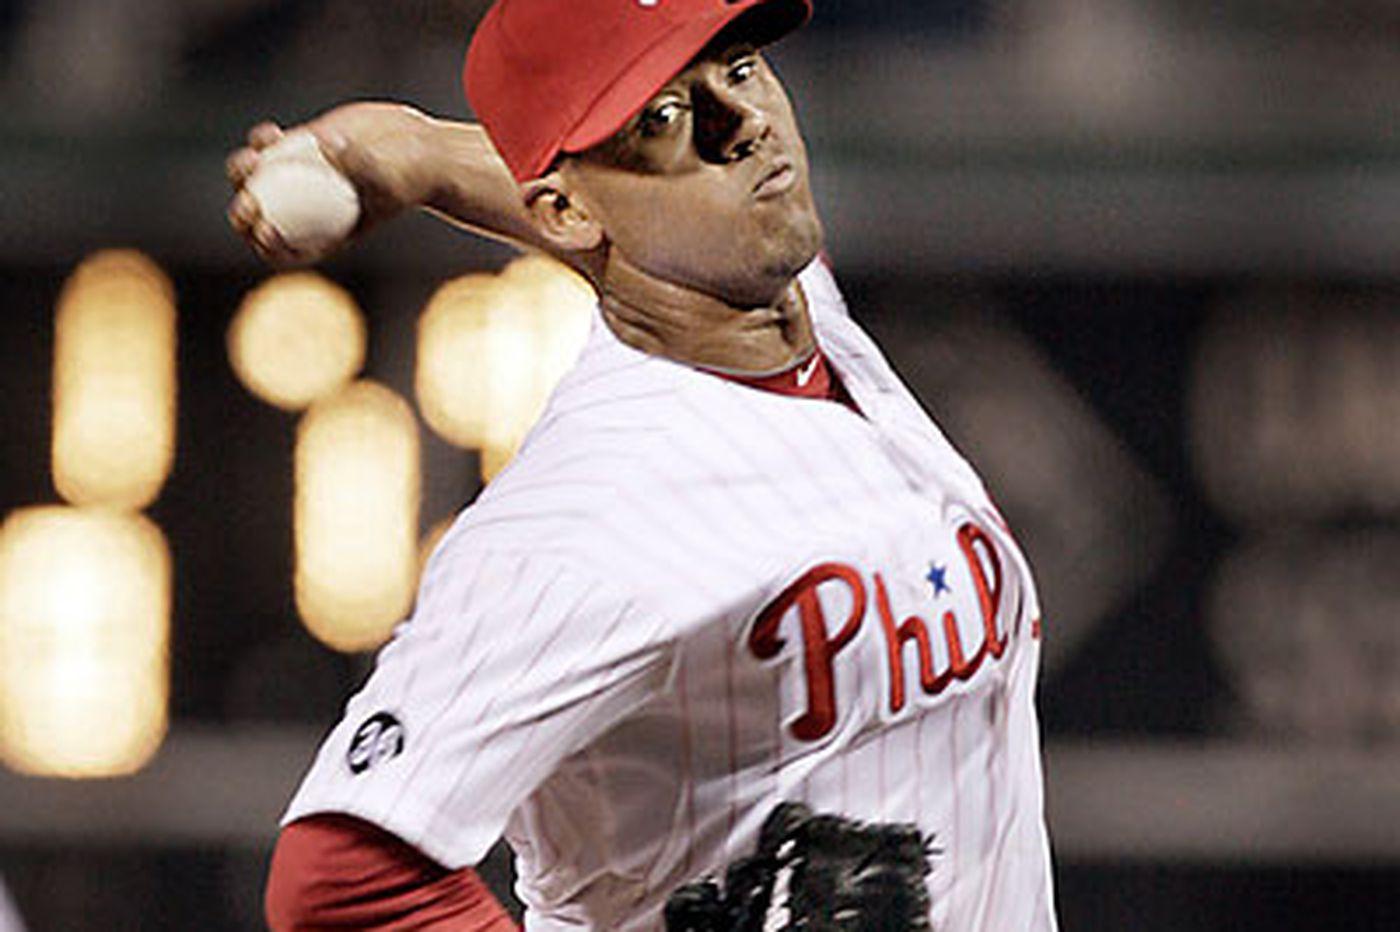 Reyes deal is off; team renews hunt